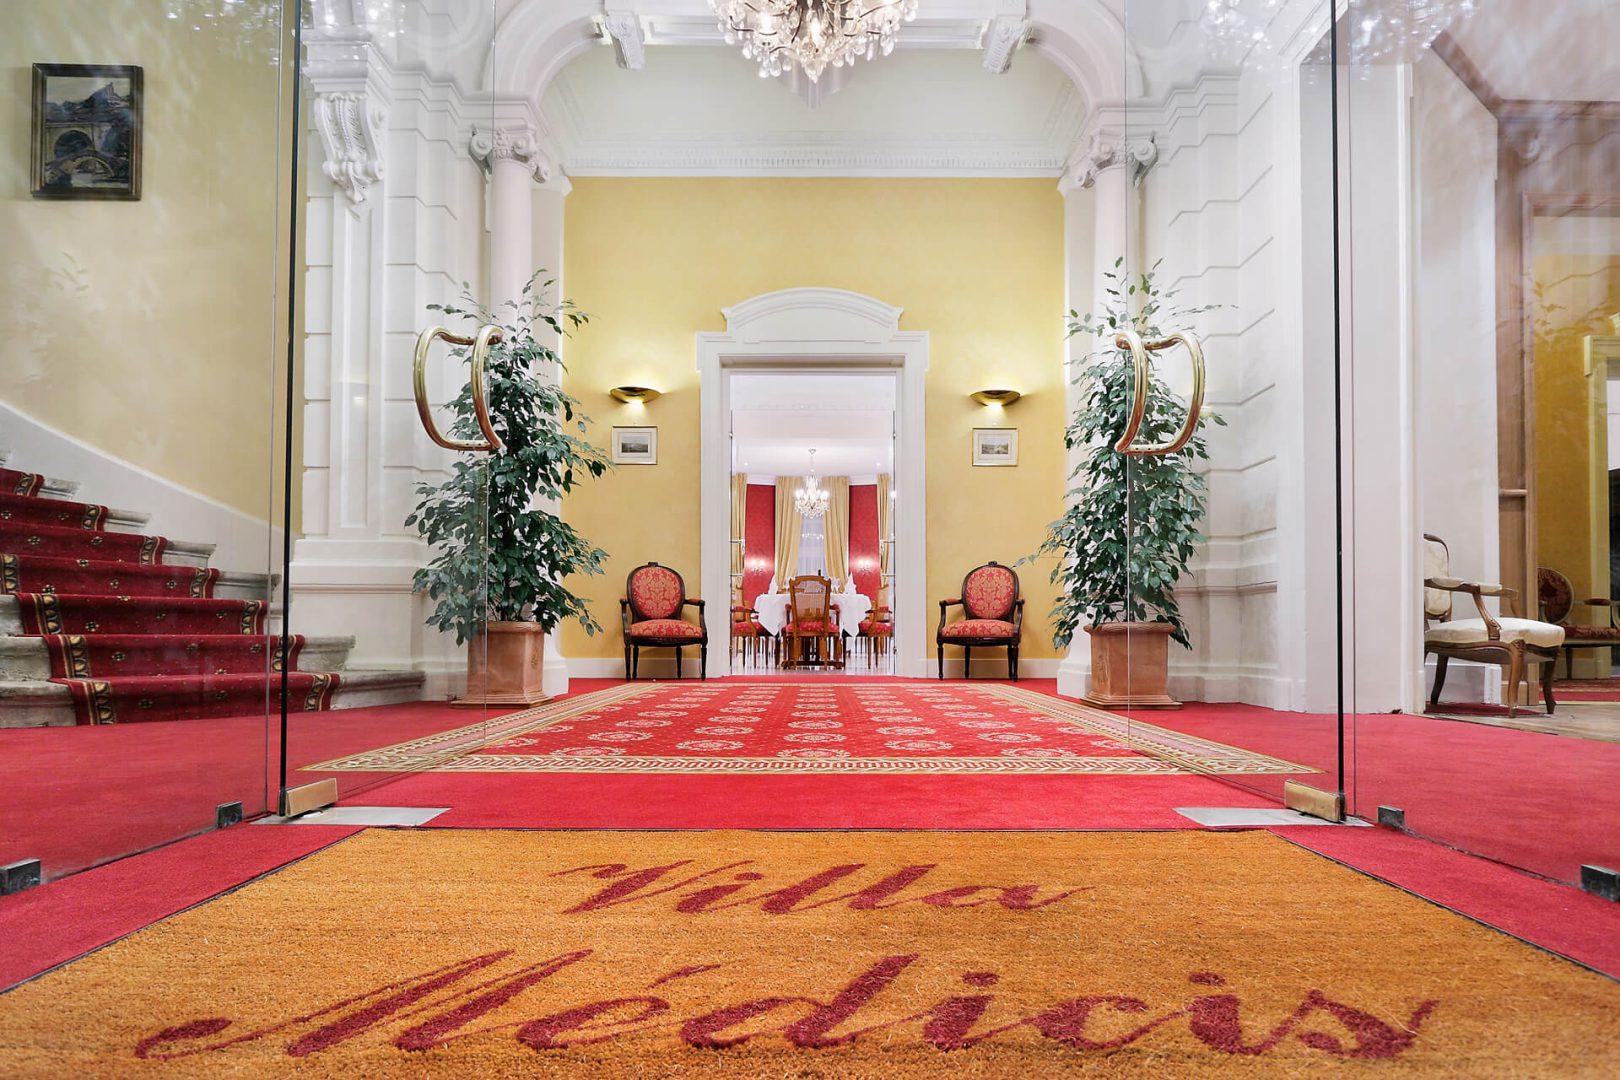 Entrée Villa Médicis Besançon - Résidence senior Besançon